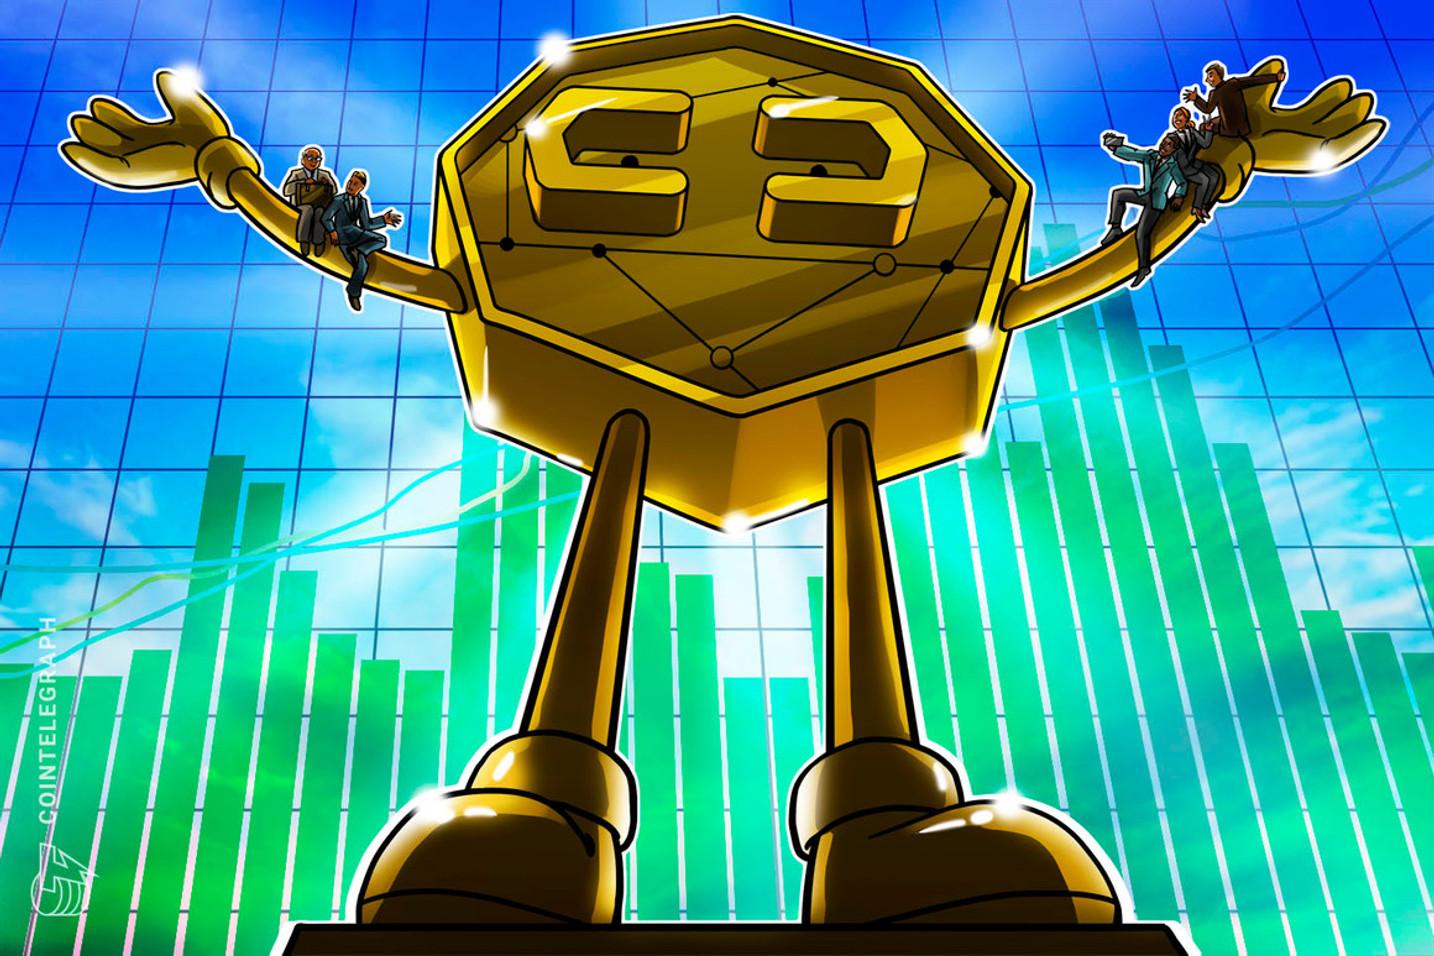 Bu hafta takip edilmesi gereken 3 DeFi token | 3 Şubat